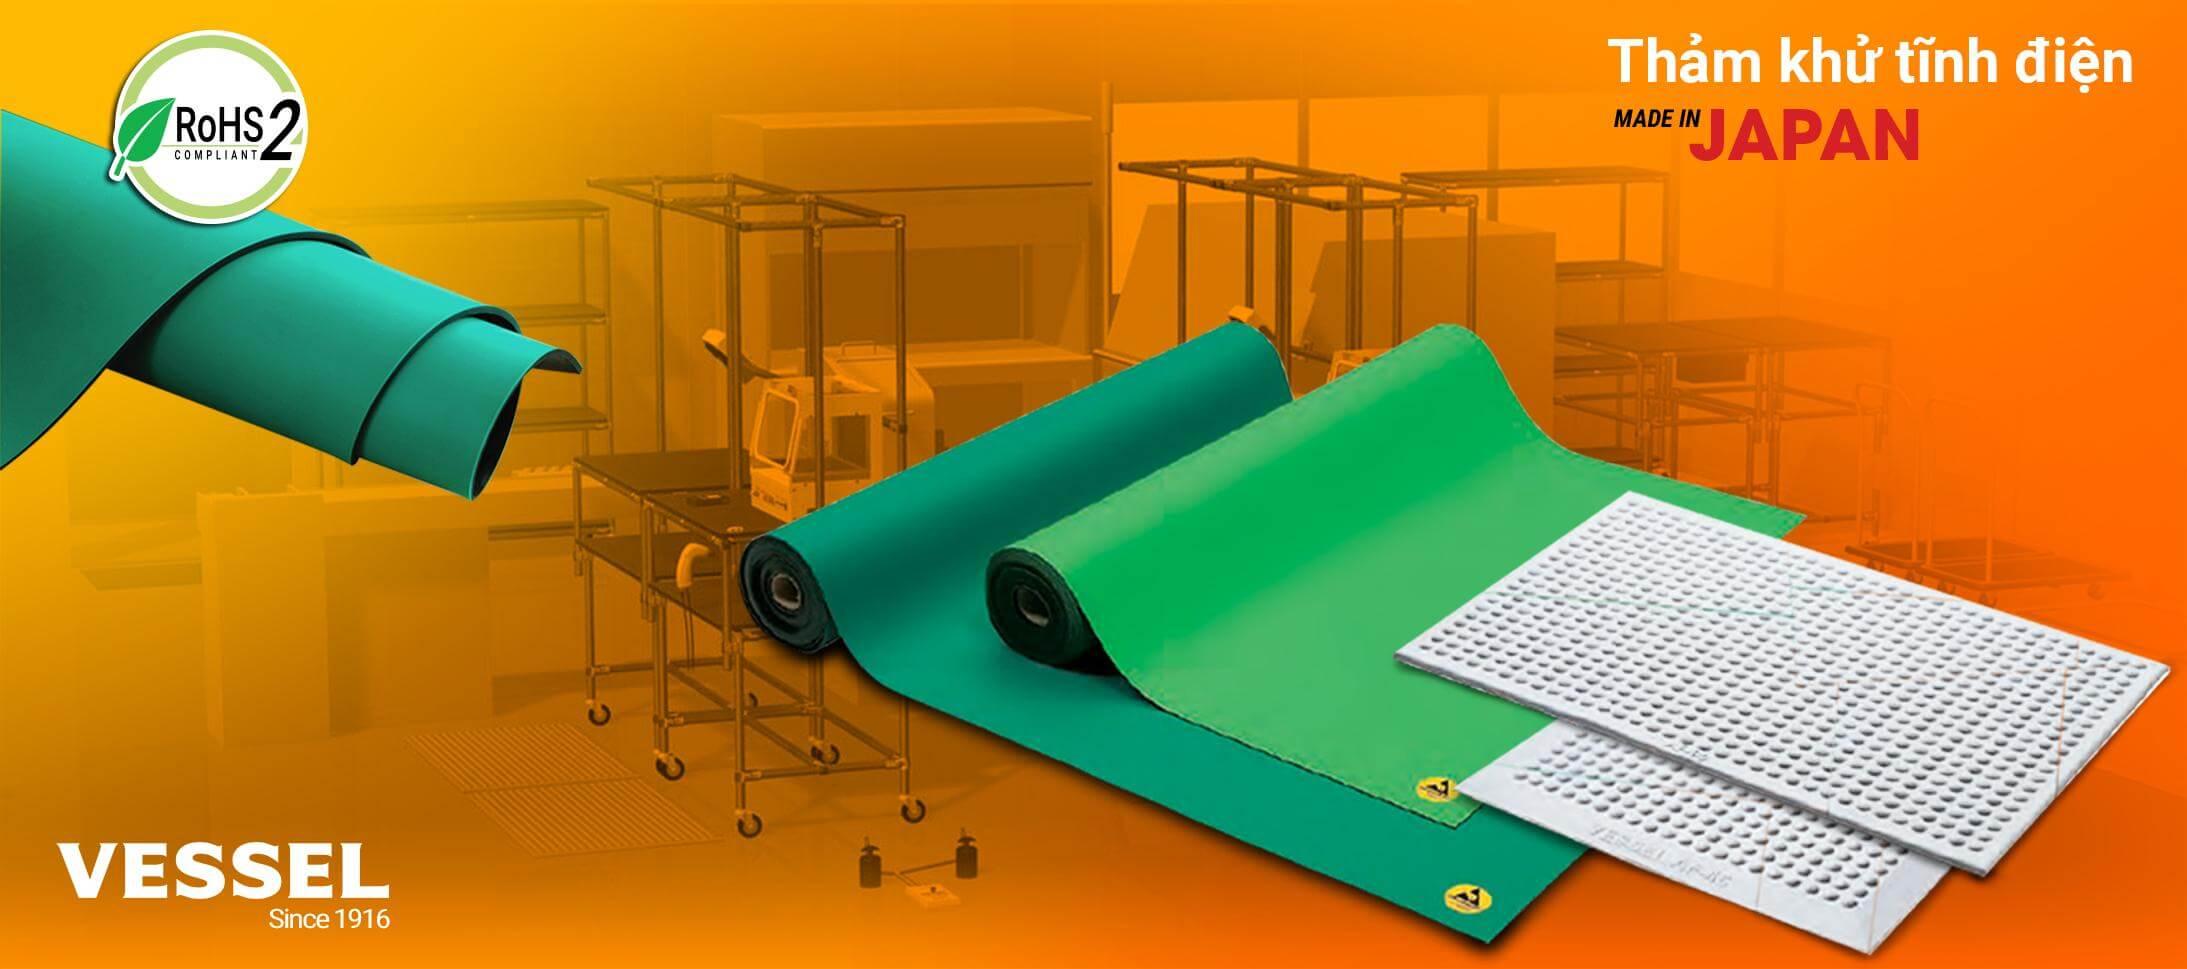 Cung cấp thảm tĩnh điện Vessel dùng trong công nghiệp